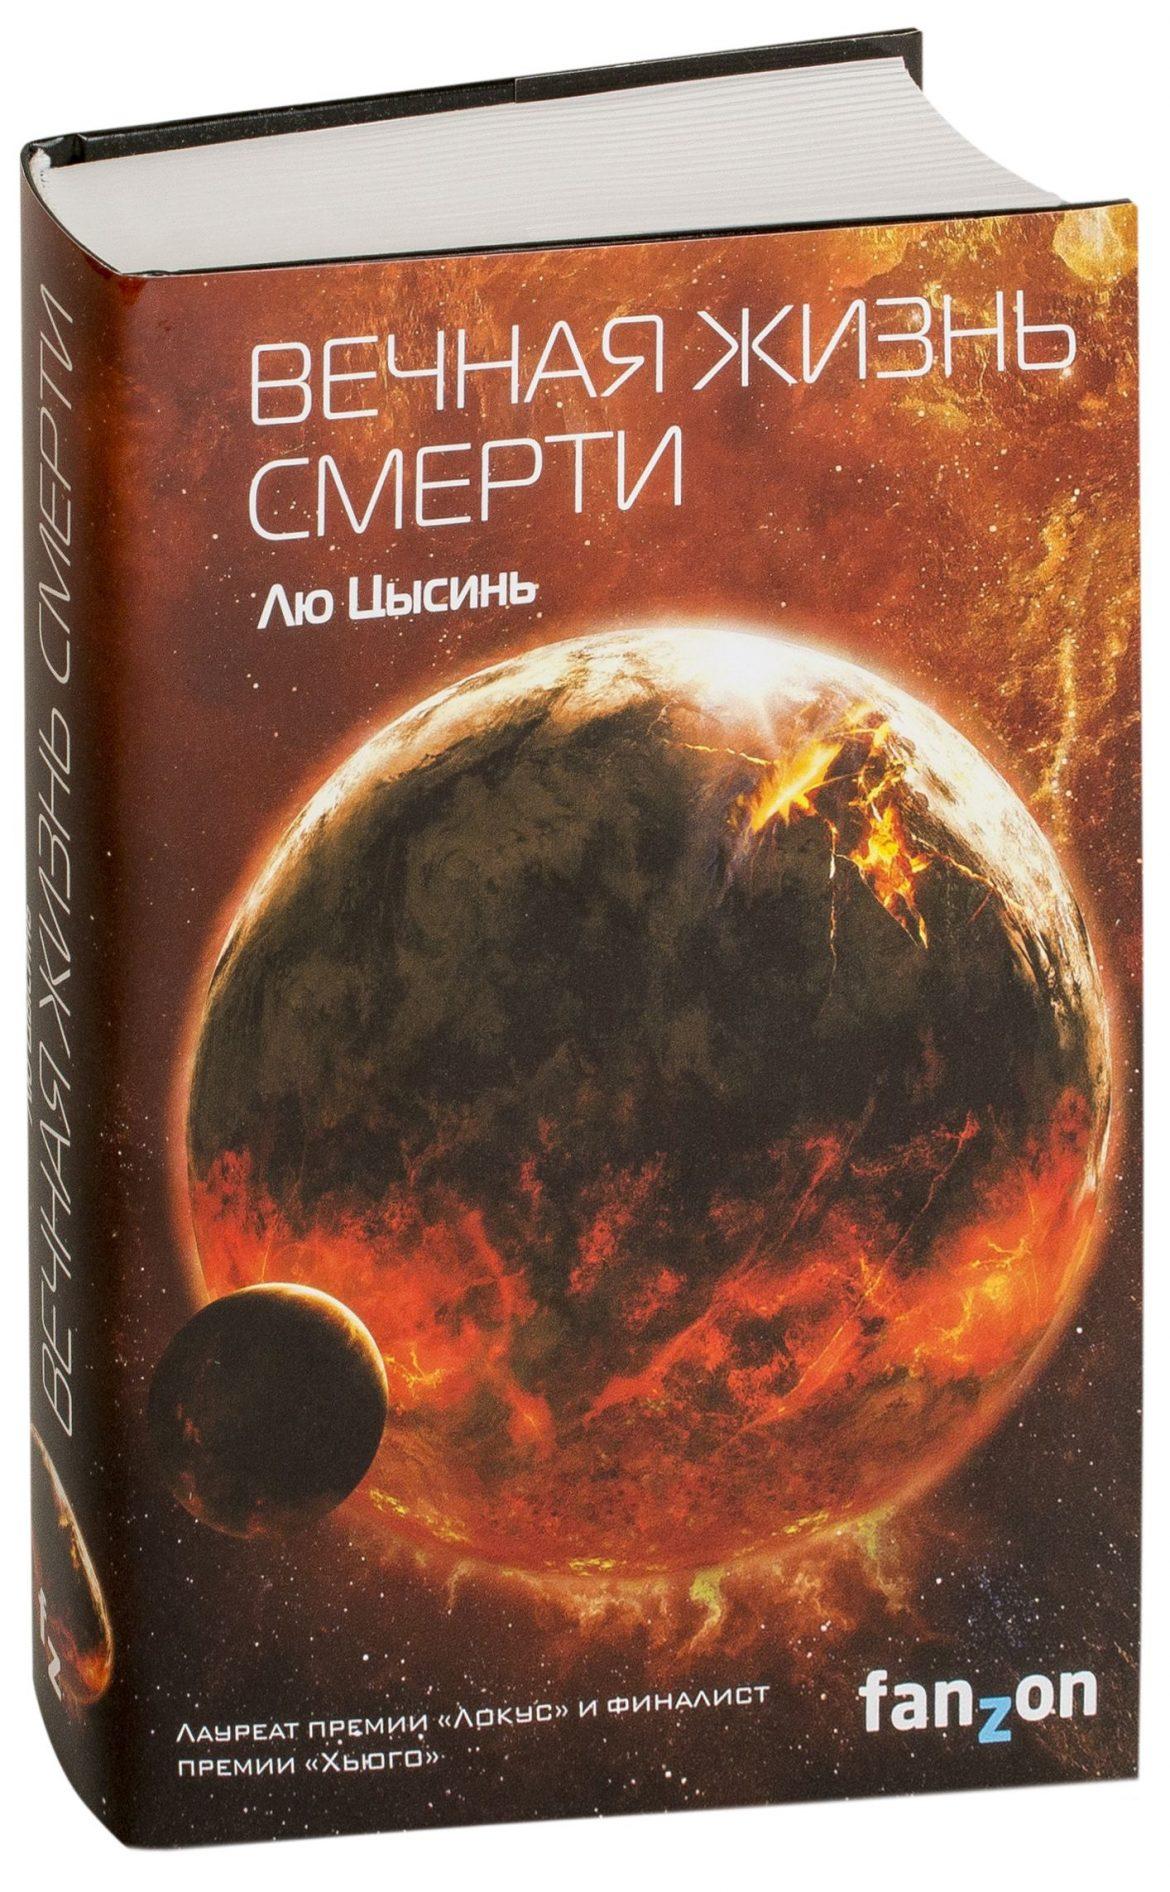 Вечная жизнь смерти — Лю Цысинь